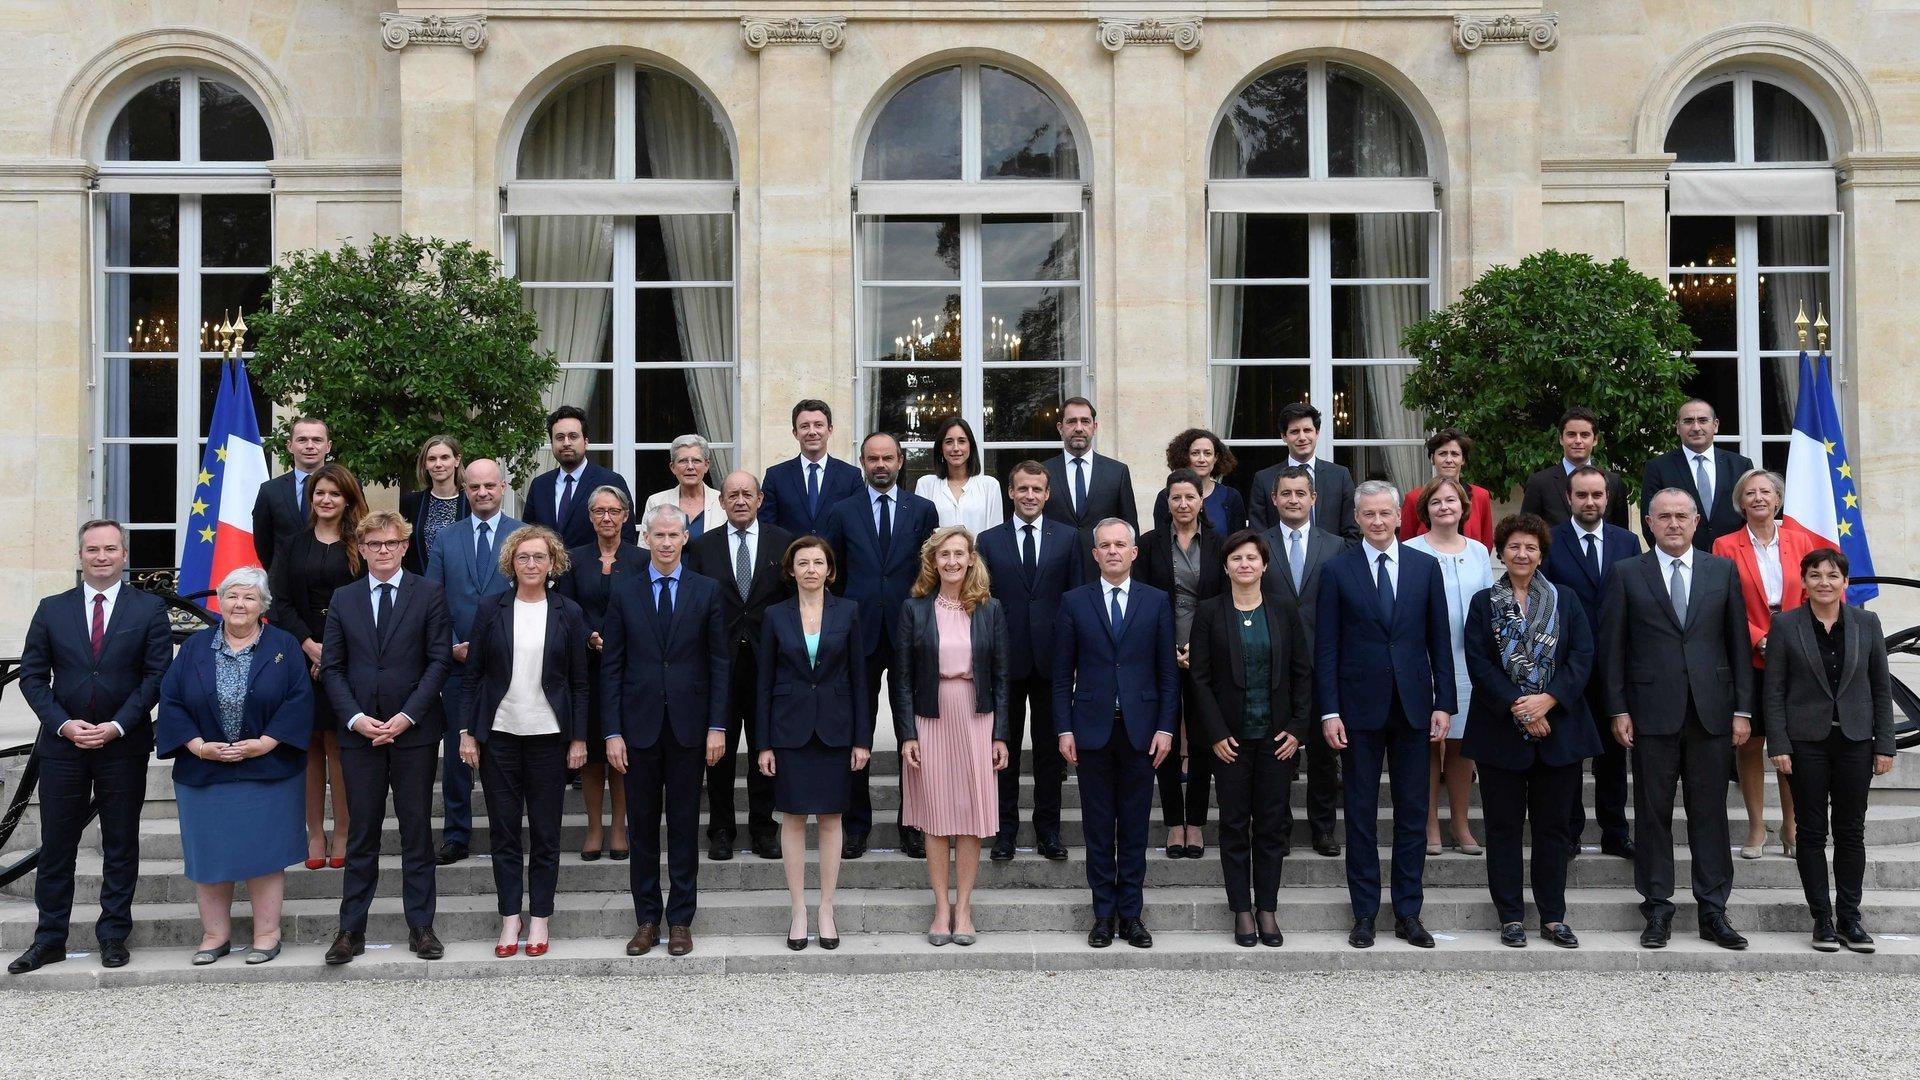 Komplette französische Regierung zurückgetreten